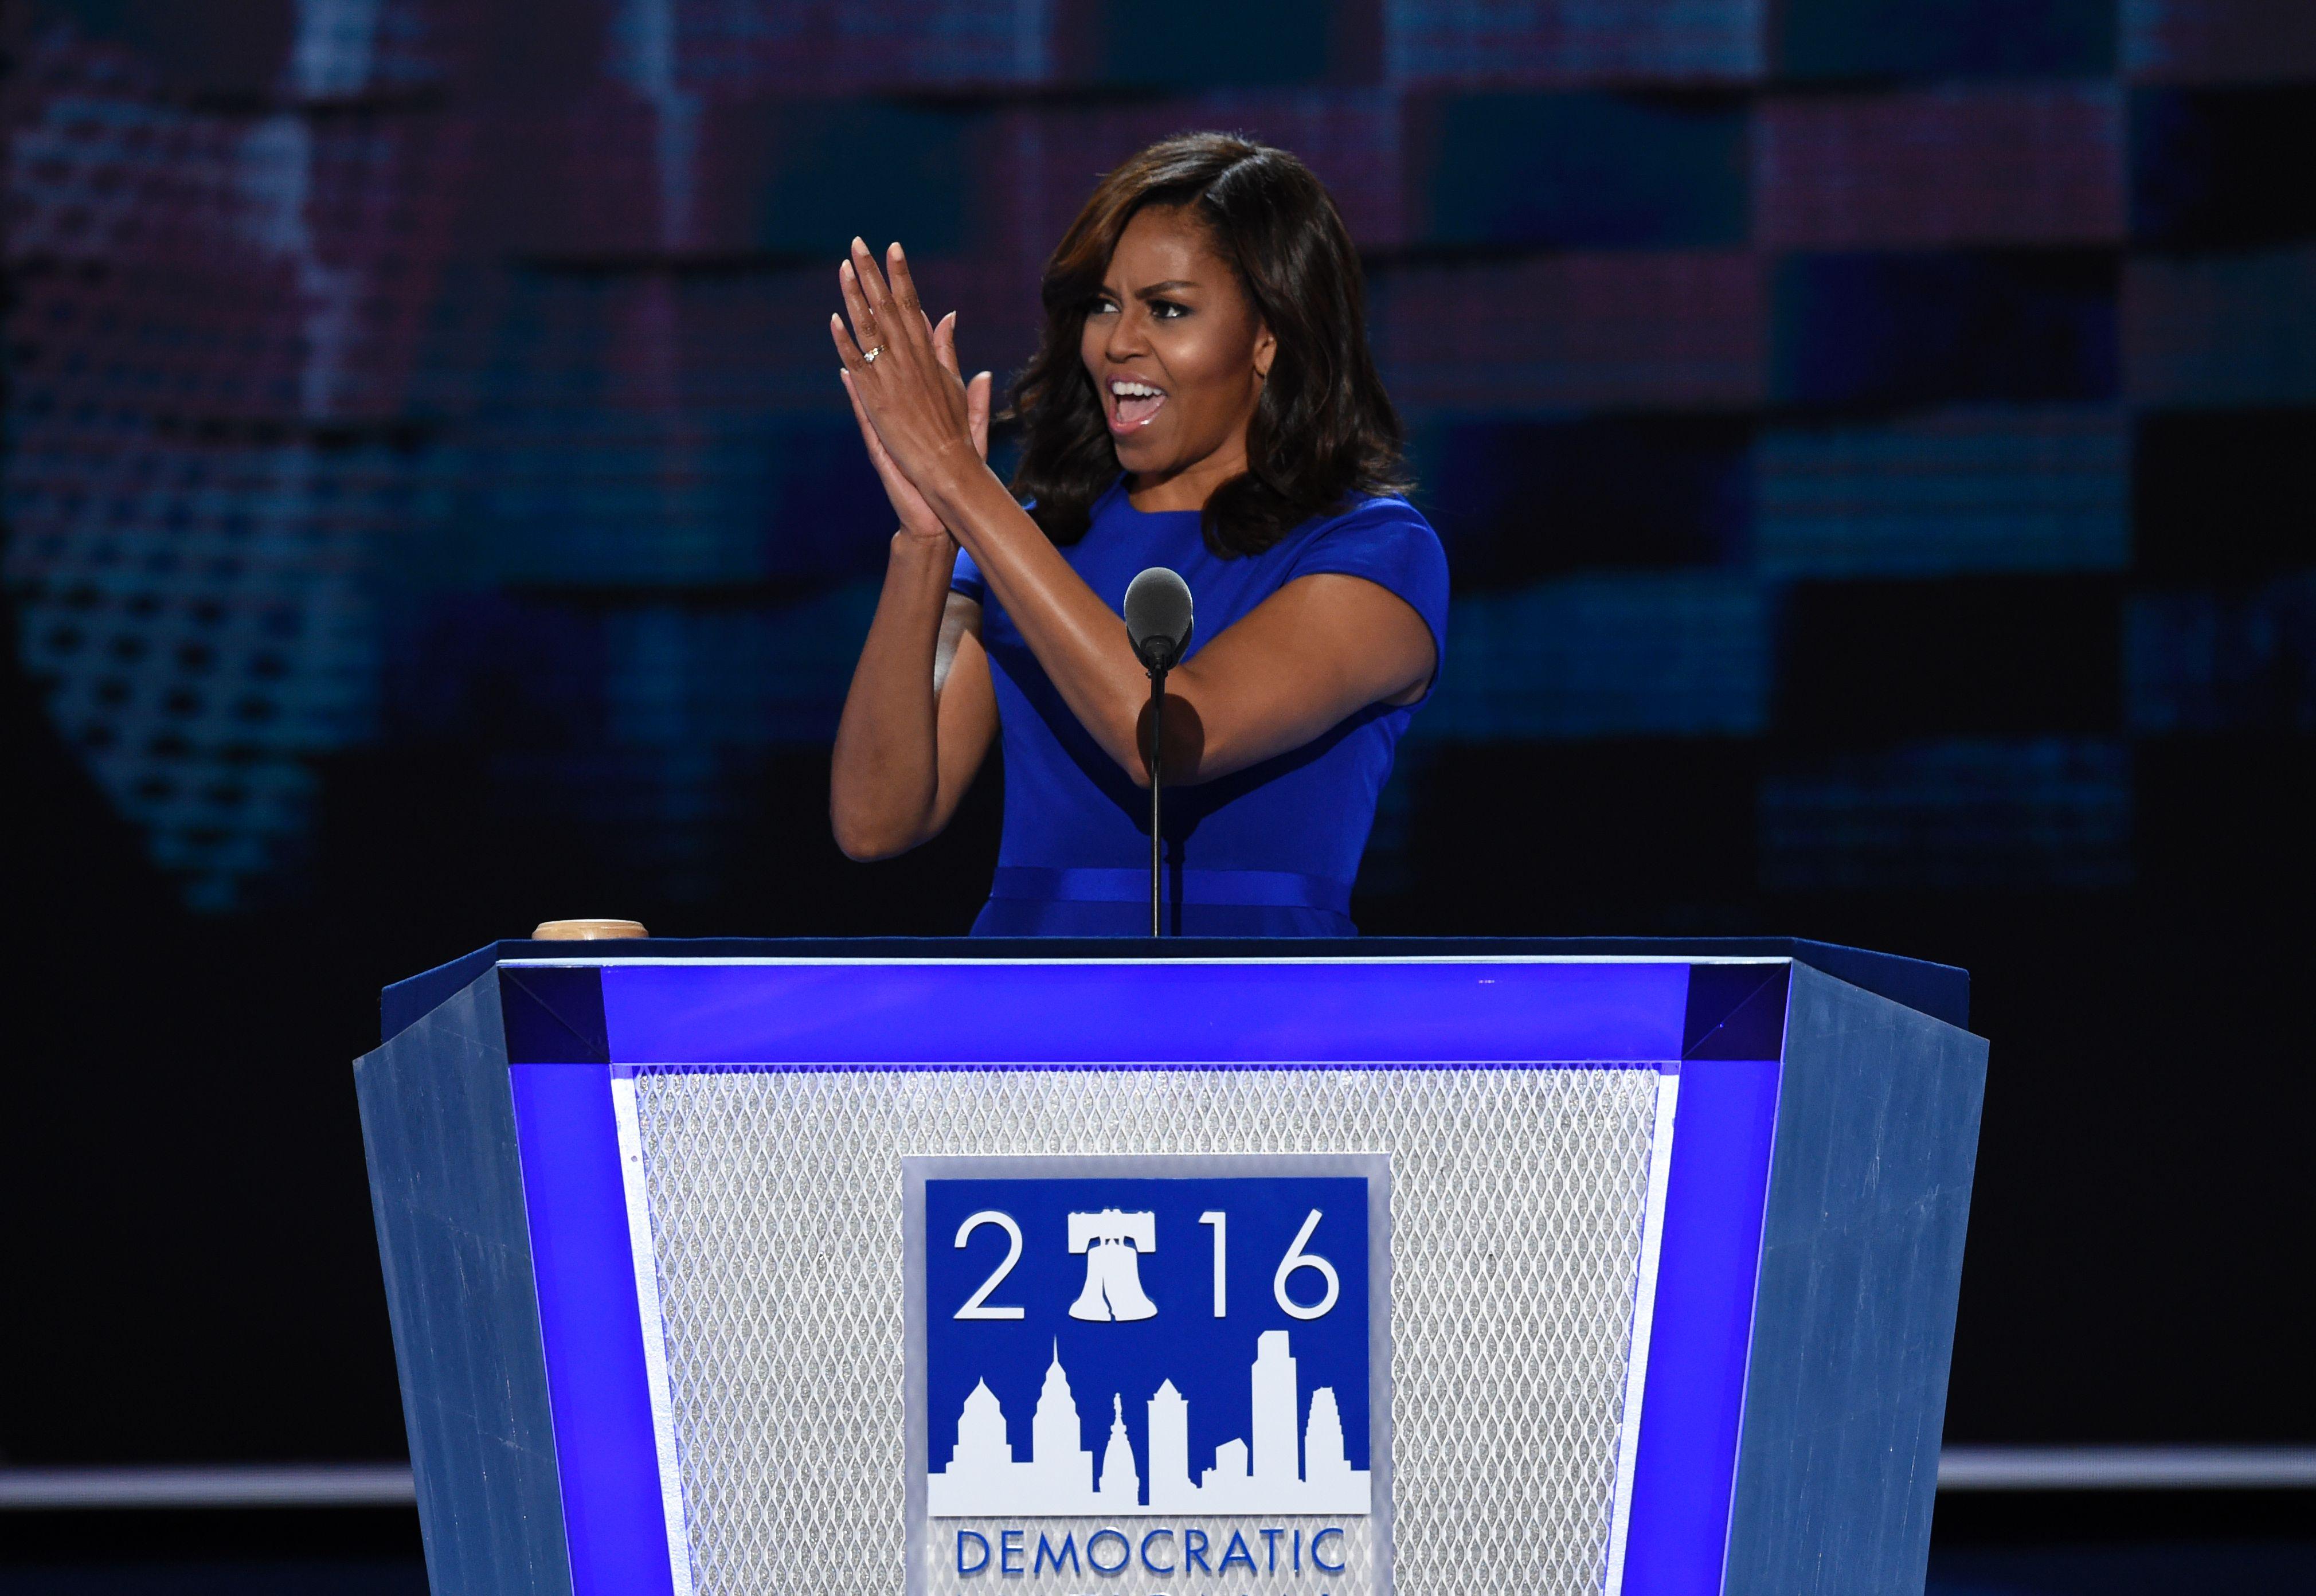 Donald Trump 2016 Michelle Obama Atlantic City